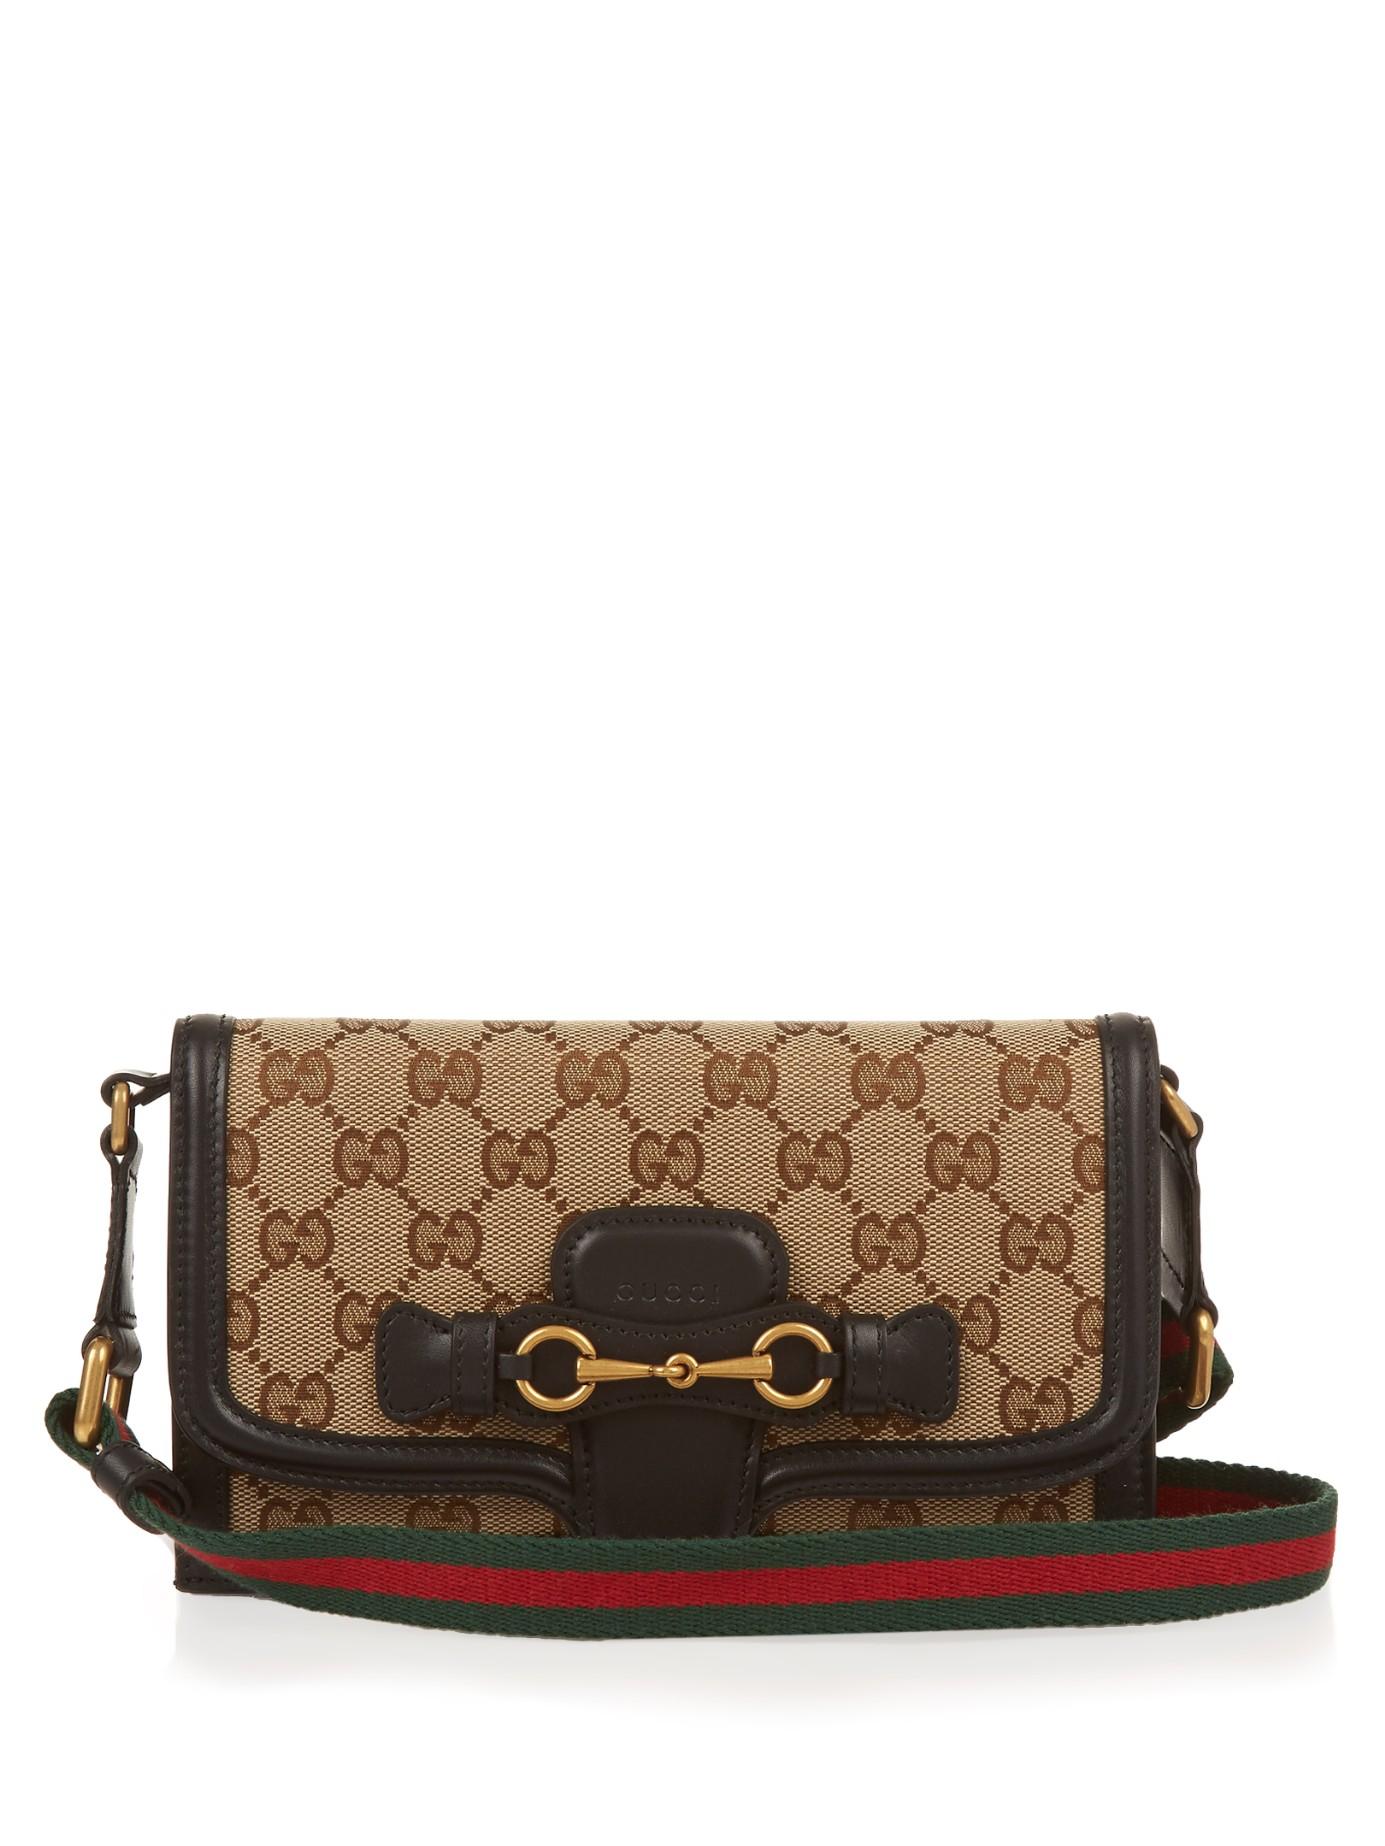 Gucci Lady Web Cross-Body Bag in Black - Lyst